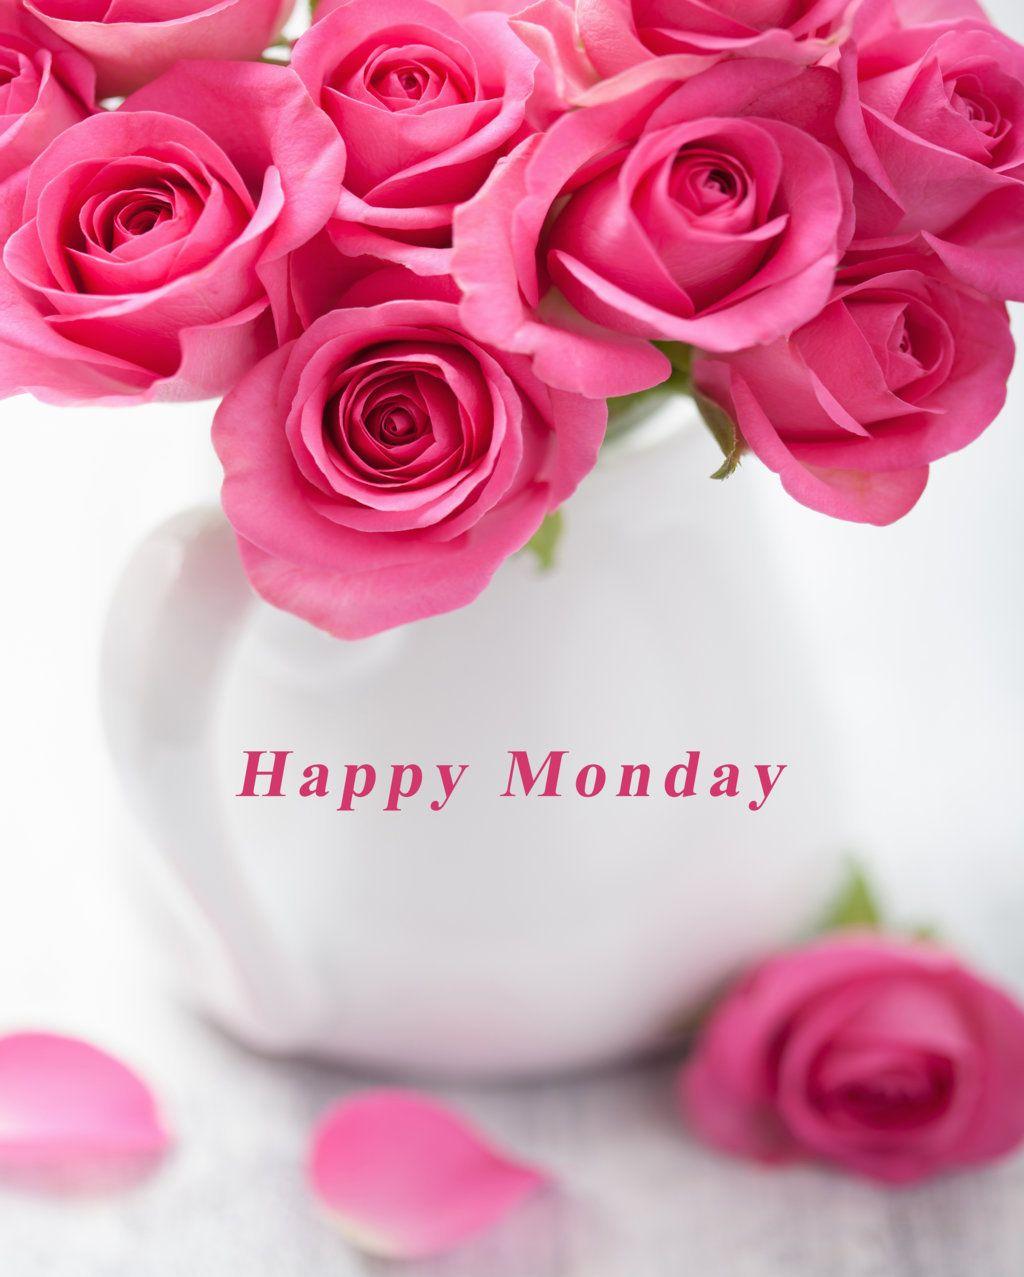 Happy Monday pinned by www.computerfixx.biz | Happy monday ...